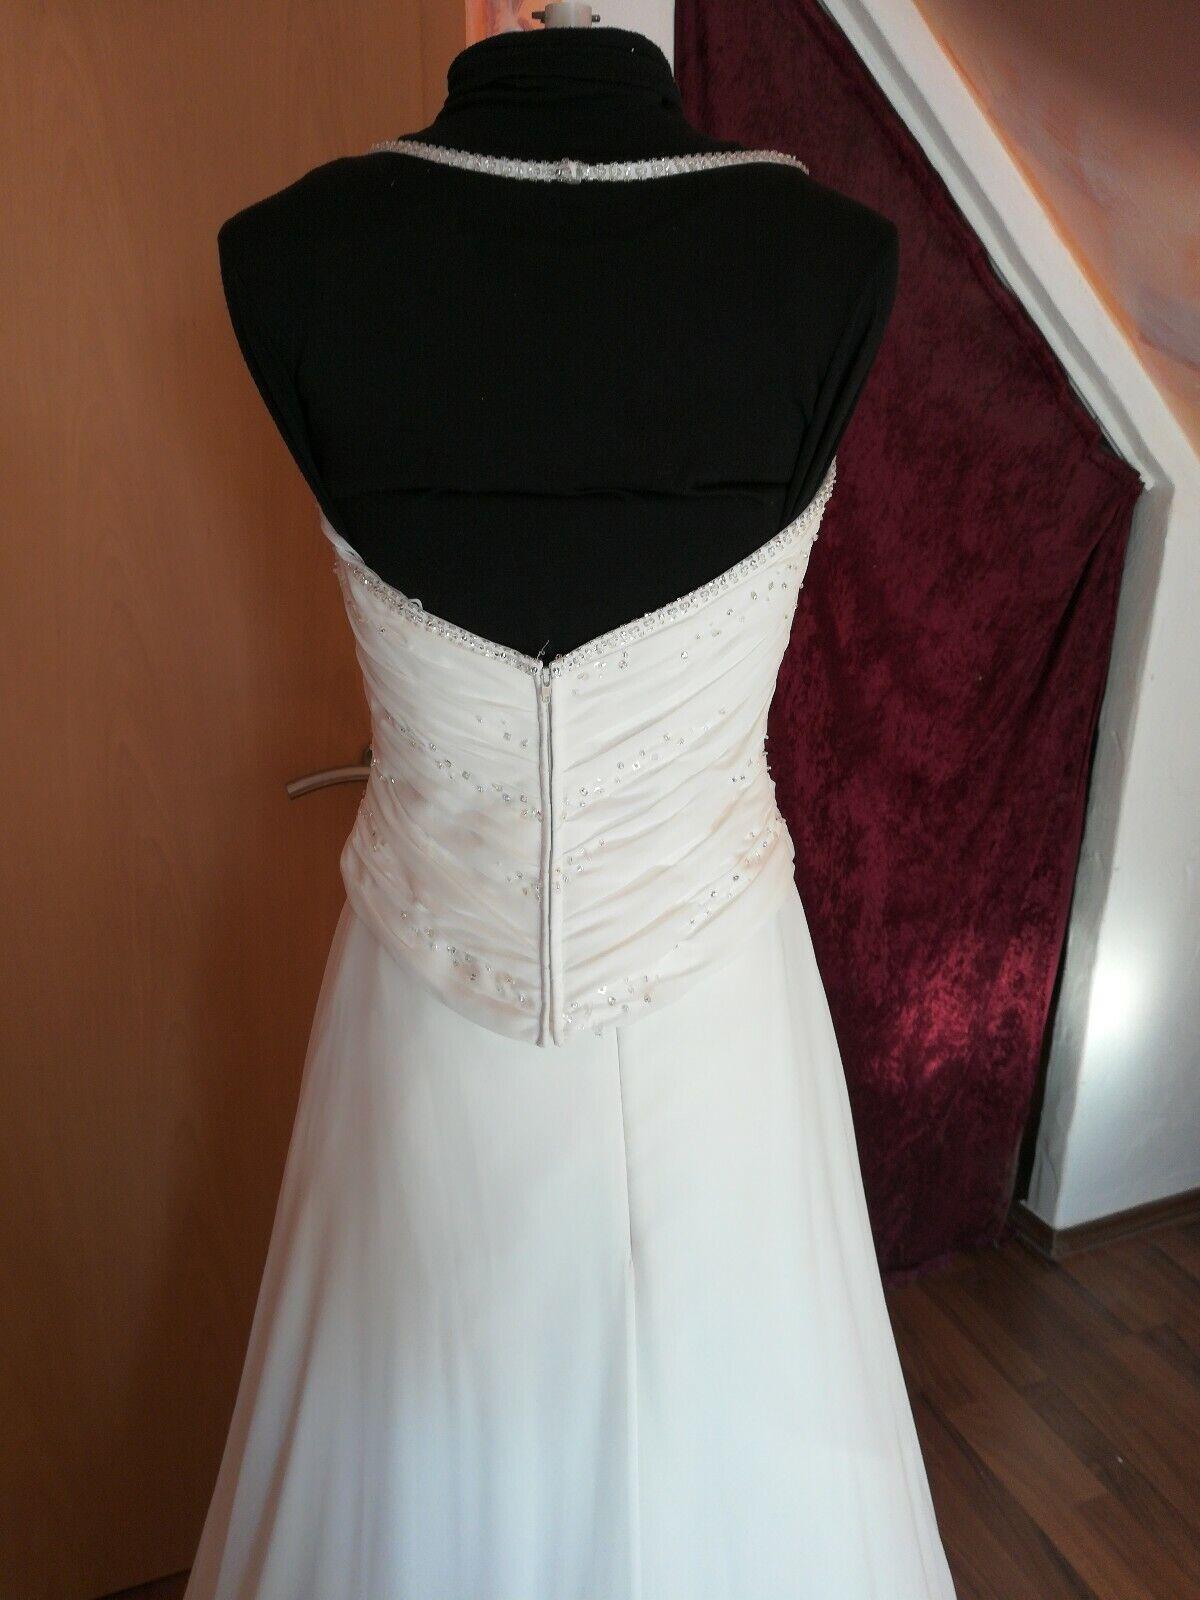 Wunderschönes Brautkleid in ivory gr. -38 neu neu neu  K-B-31 | Guter Markt  | Ich kann es nicht ablegen  | Schön geformt  ab40ab